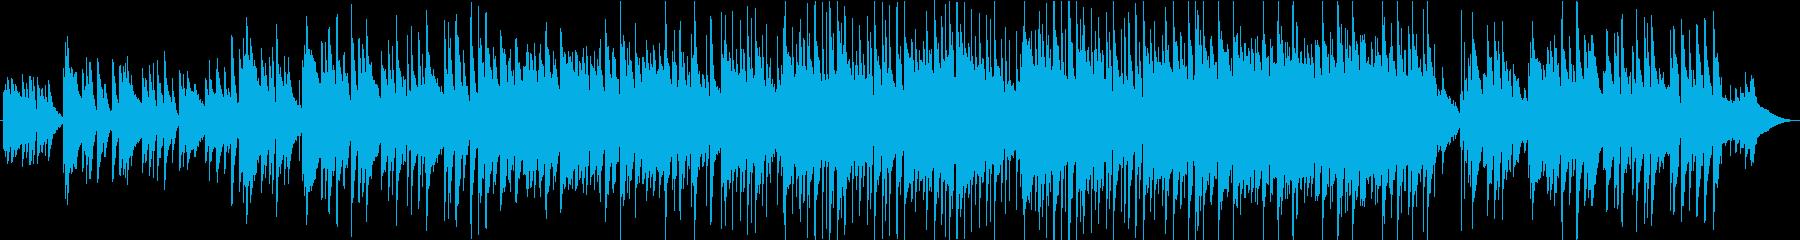 夏の終わりをイメージしたピアノ曲の再生済みの波形